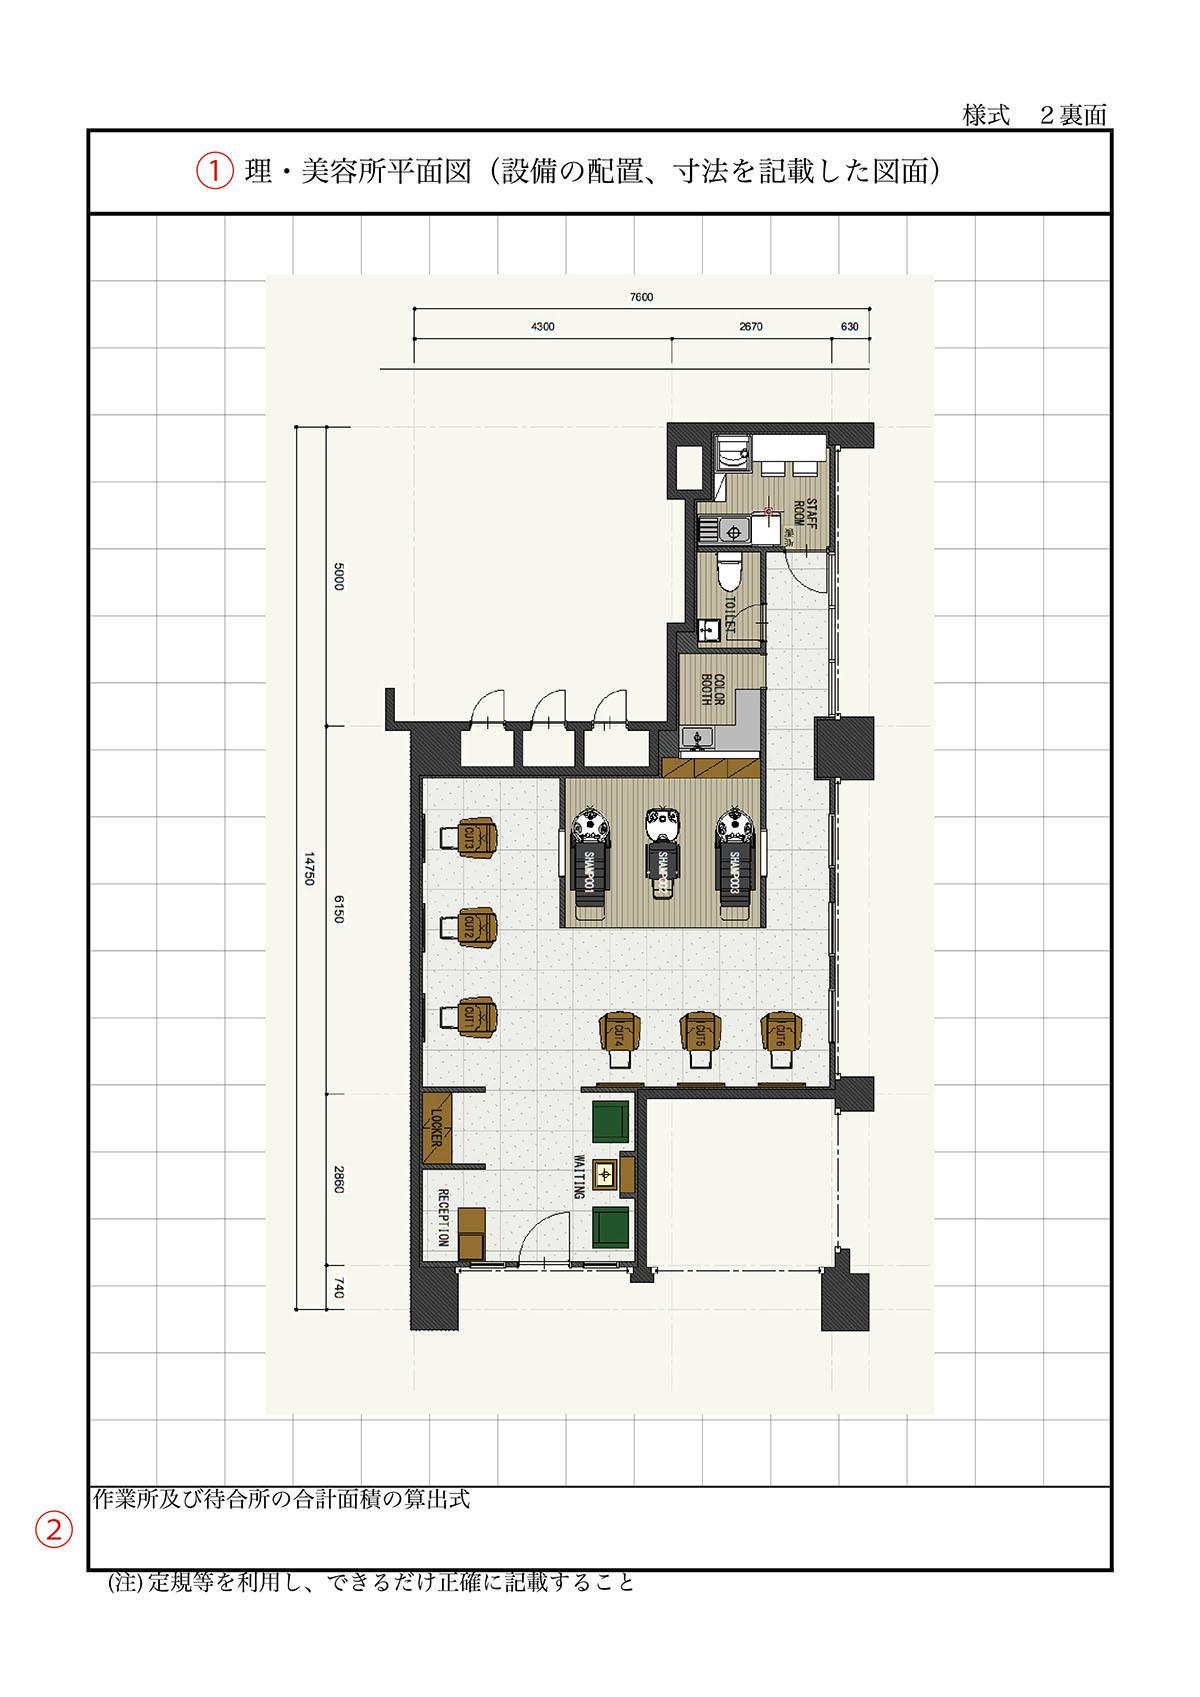 構造設備等施設の配置図